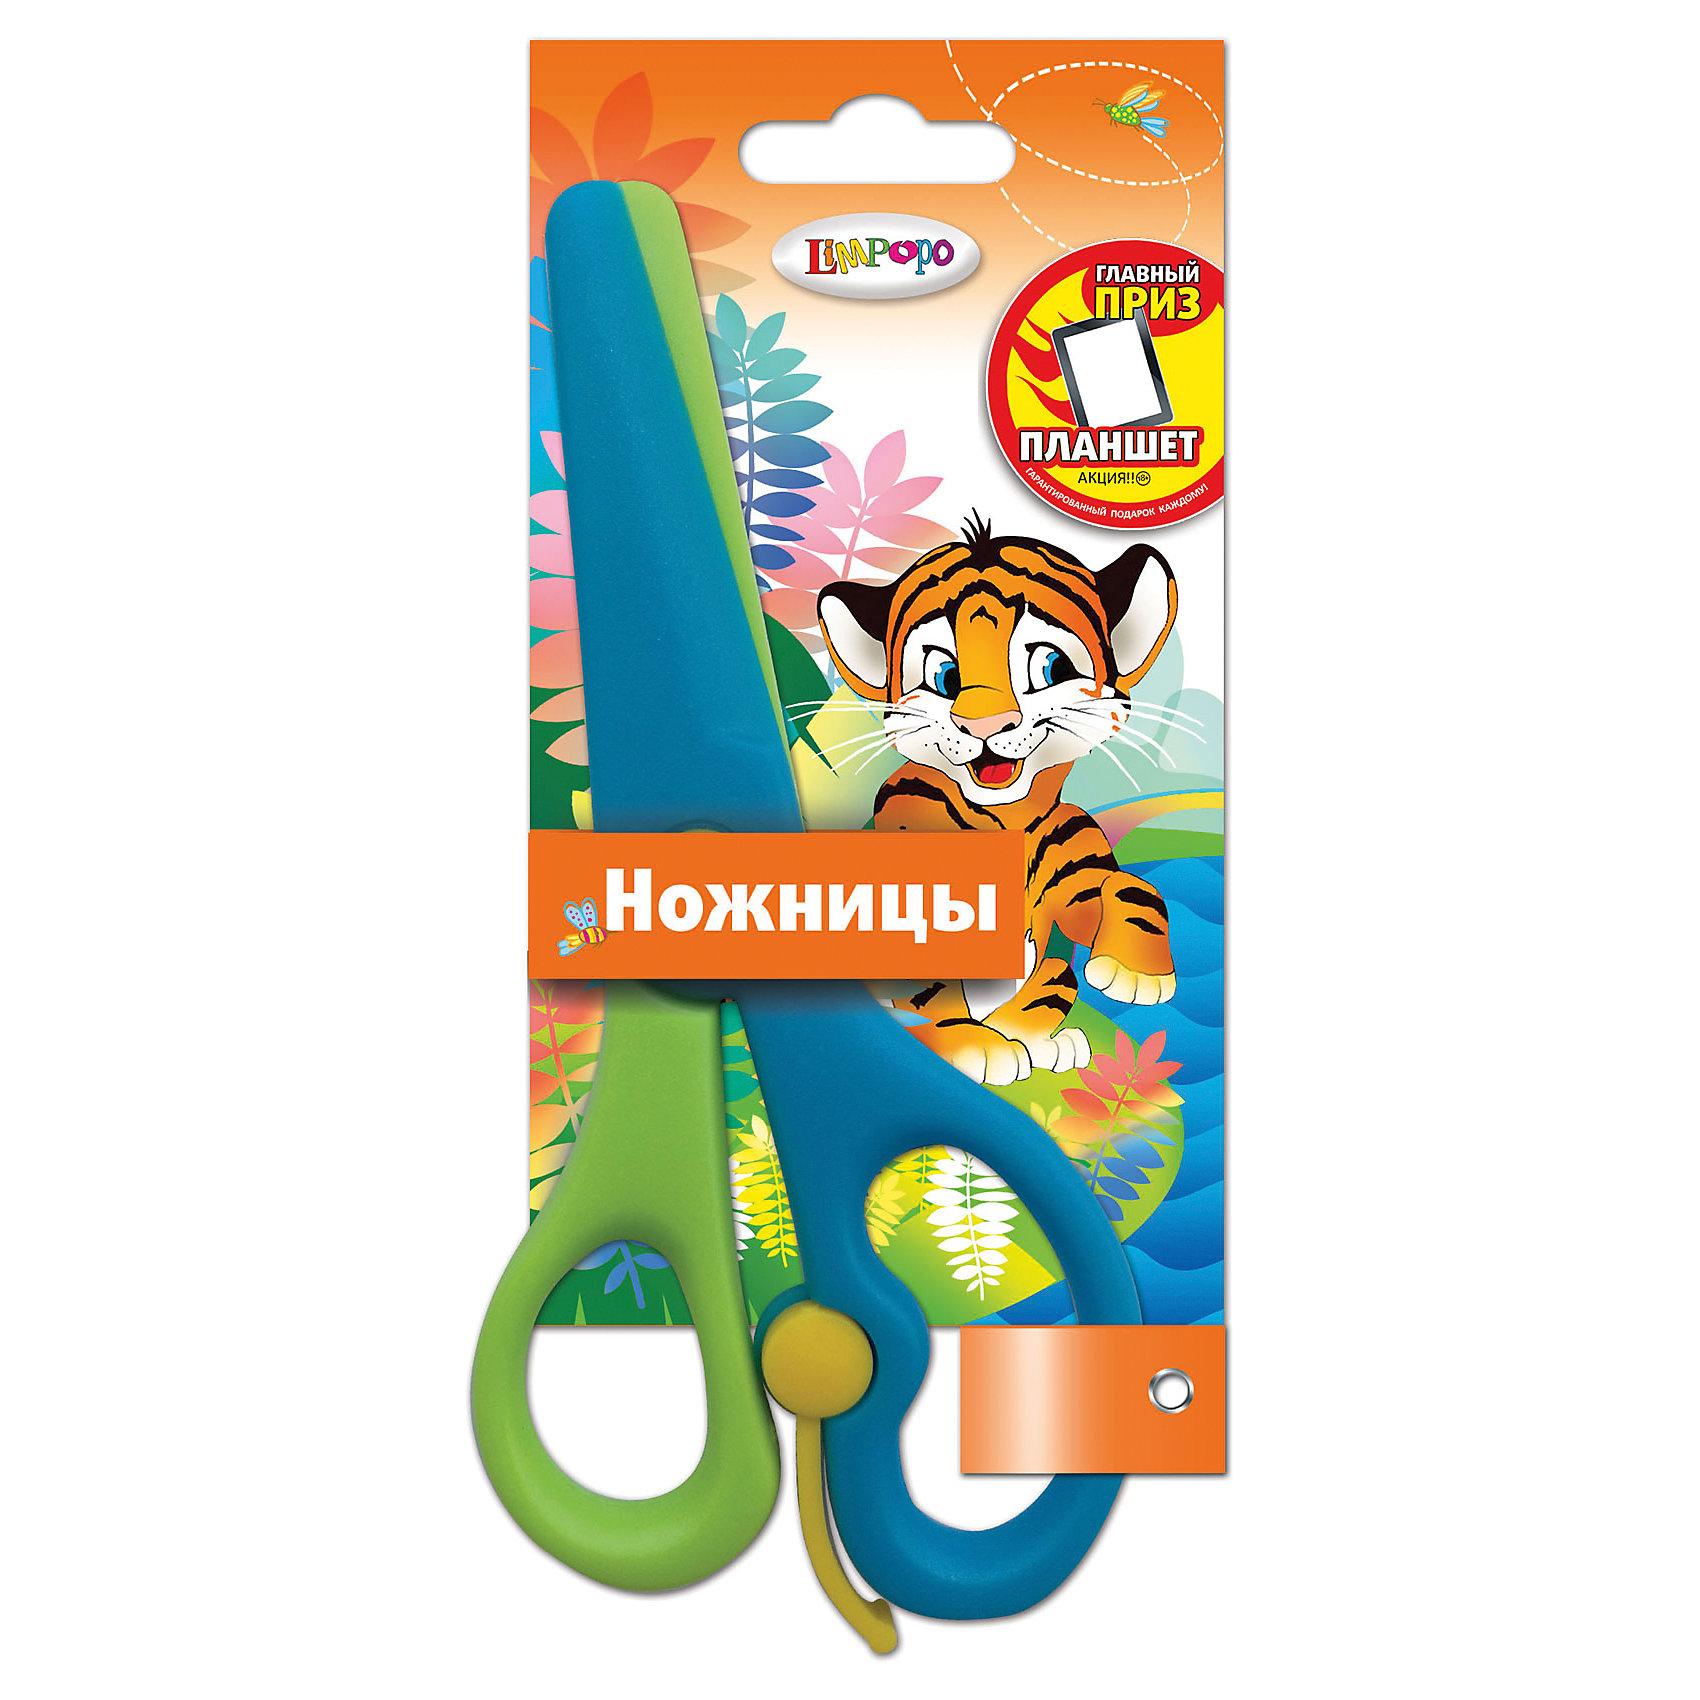 Ножницы 13 см, с пластиковыми ручками ДжунглиНожницы с пластиковыми ручками, безопасно скругленные лезвия,  с дизайном Limpopo Джунгли. Ножницы оснащены вспомогательным механизмом, который облегчает работу ребёнка, т.к. усилия при использовании ножниц тратятся только на сжимание.<br><br>Ширина мм: 165<br>Глубина мм: 1<br>Высота мм: 70<br>Вес г: 34<br>Возраст от месяцев: 36<br>Возраст до месяцев: 144<br>Пол: Унисекс<br>Возраст: Детский<br>SKU: 5525068